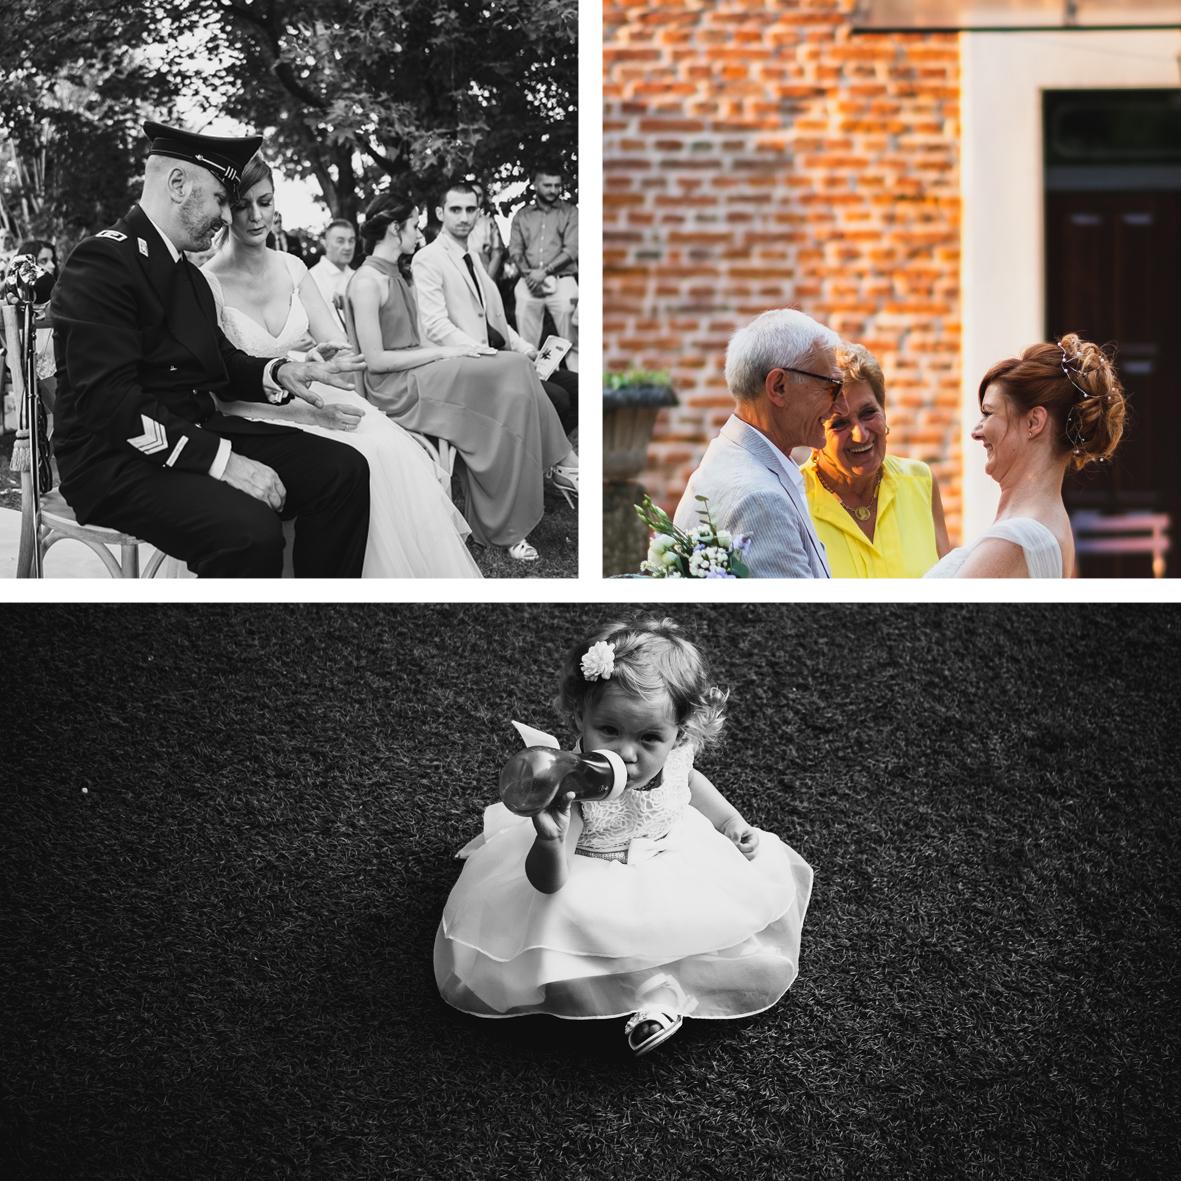 Fotografo matrimonio Brescia reportage di matrimonio Federico Rongaroli20